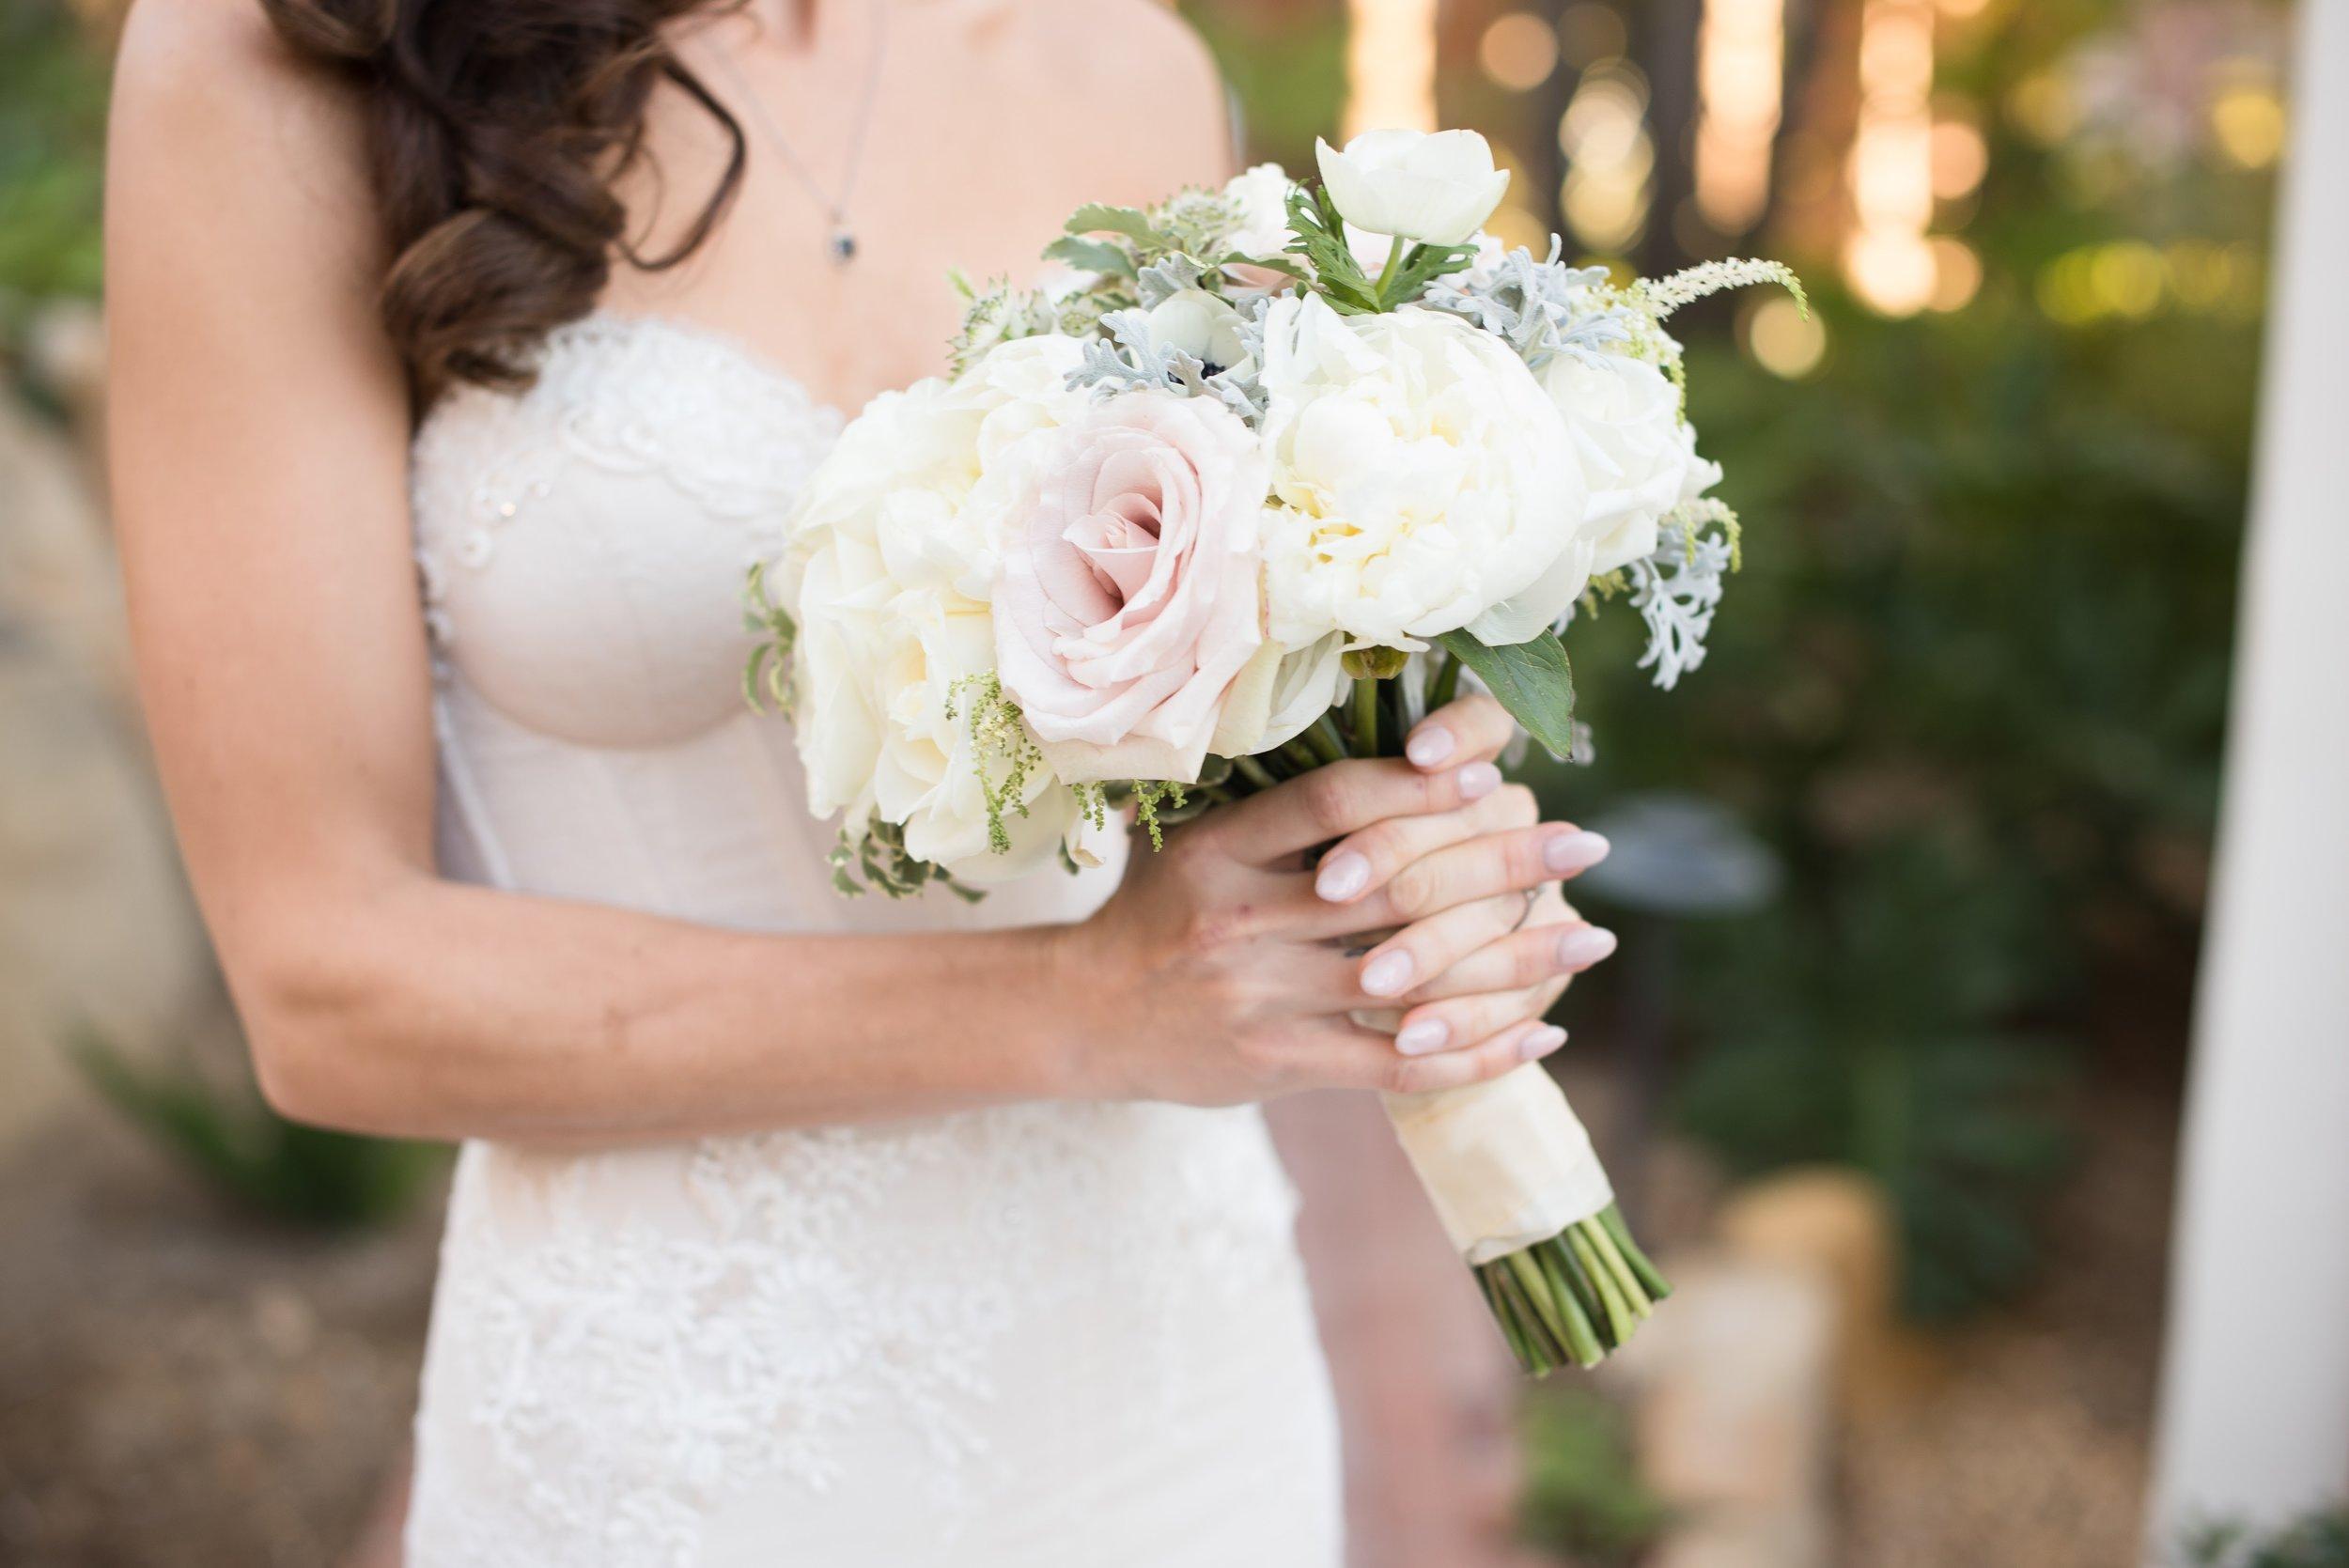 Felici Events | Wedding Planer | El Encanto Wedding | Santa Barbara Wedding | Wedding Planning | First Look | Bride | Flowers